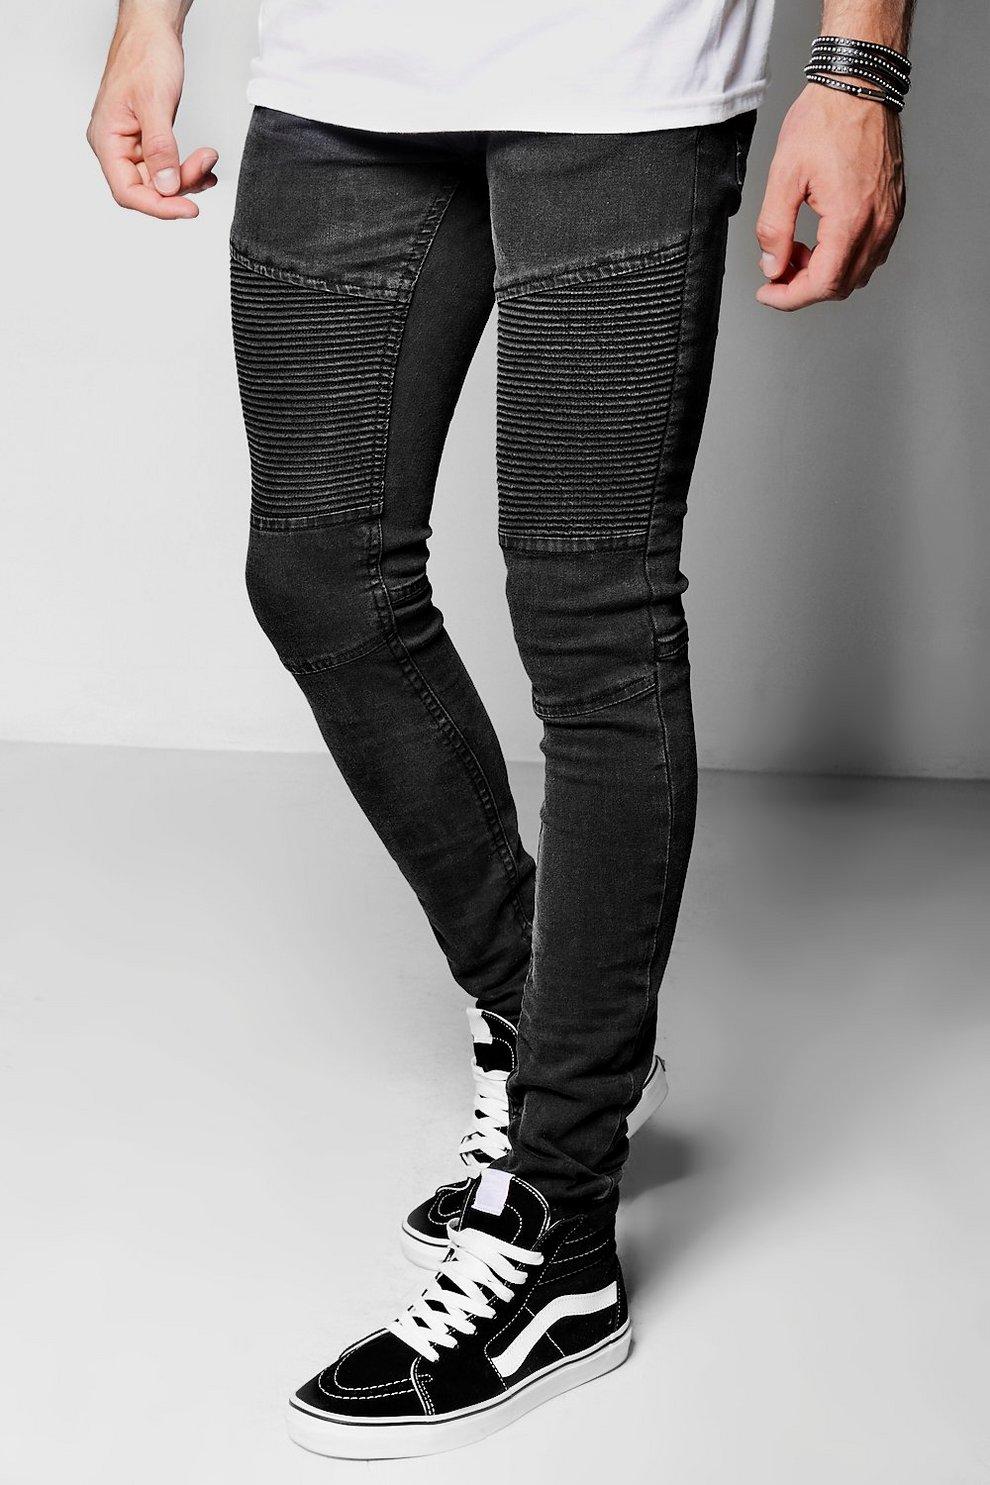 1ac1cbe6cc39e Mens Black Black Skinny Fit Biker Jeans With Zip Cuff